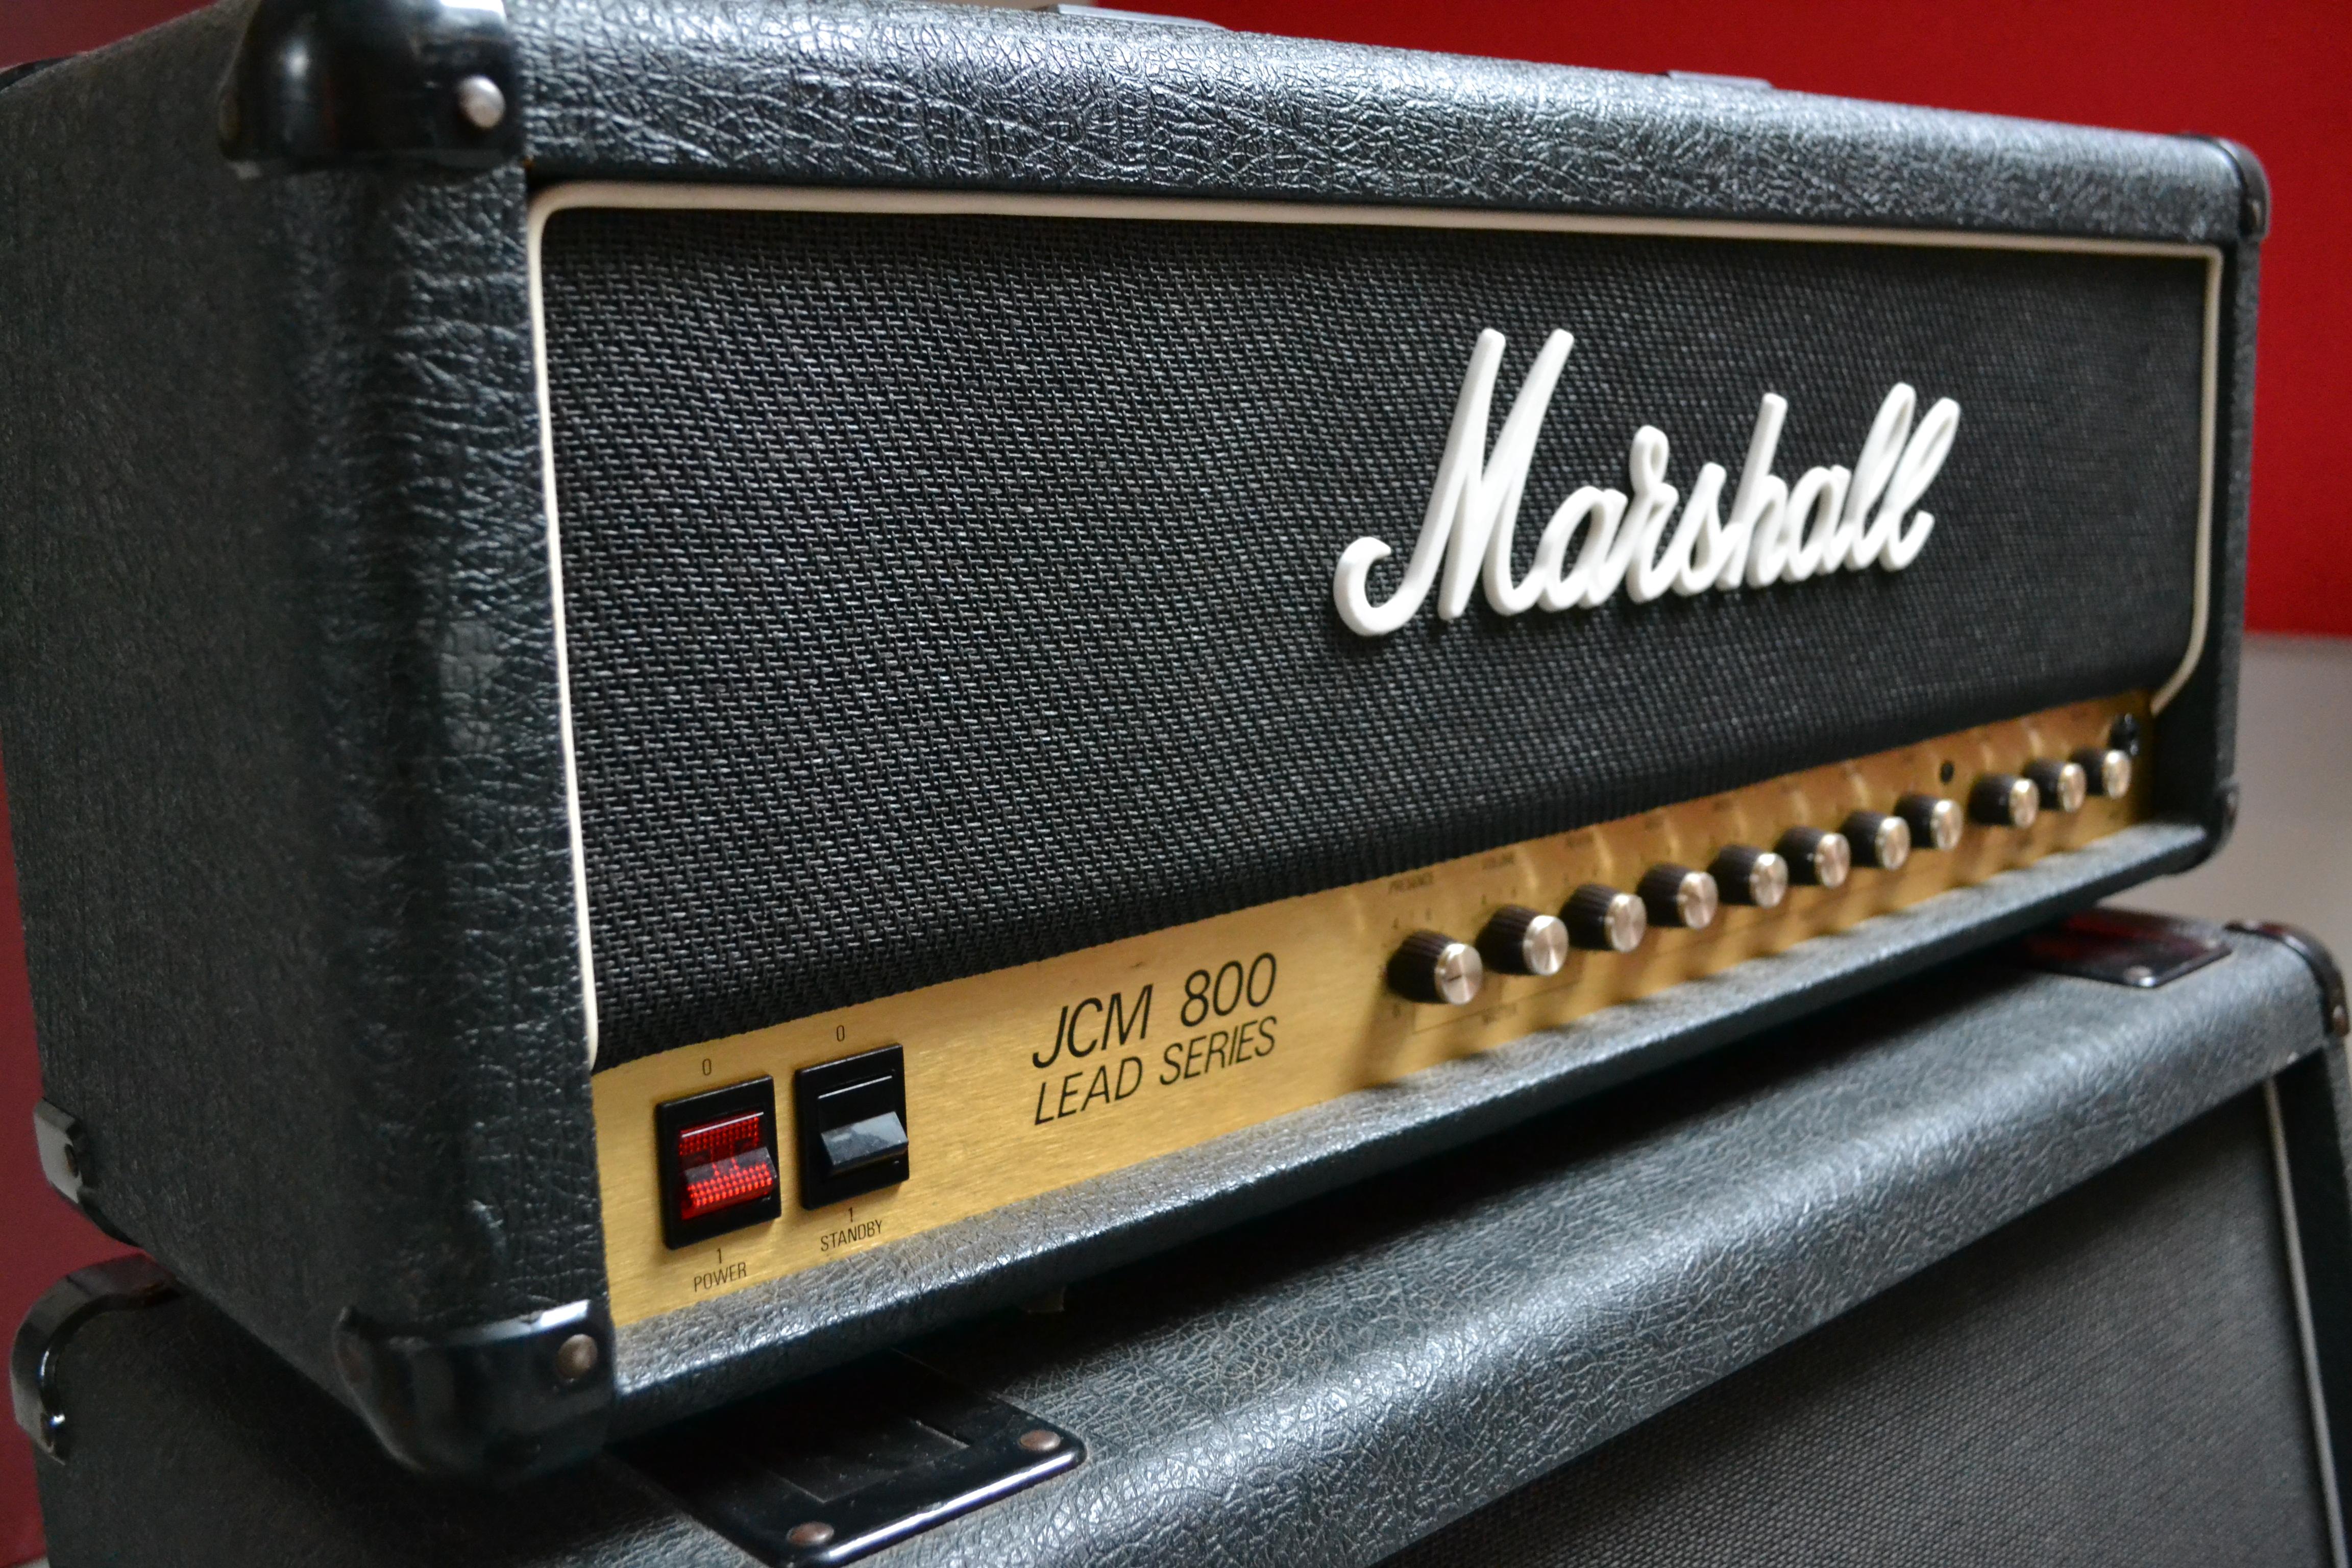 marshall 2210 jcm800 split channel reverb 1982 1989 image 979159 audiofanzine. Black Bedroom Furniture Sets. Home Design Ideas